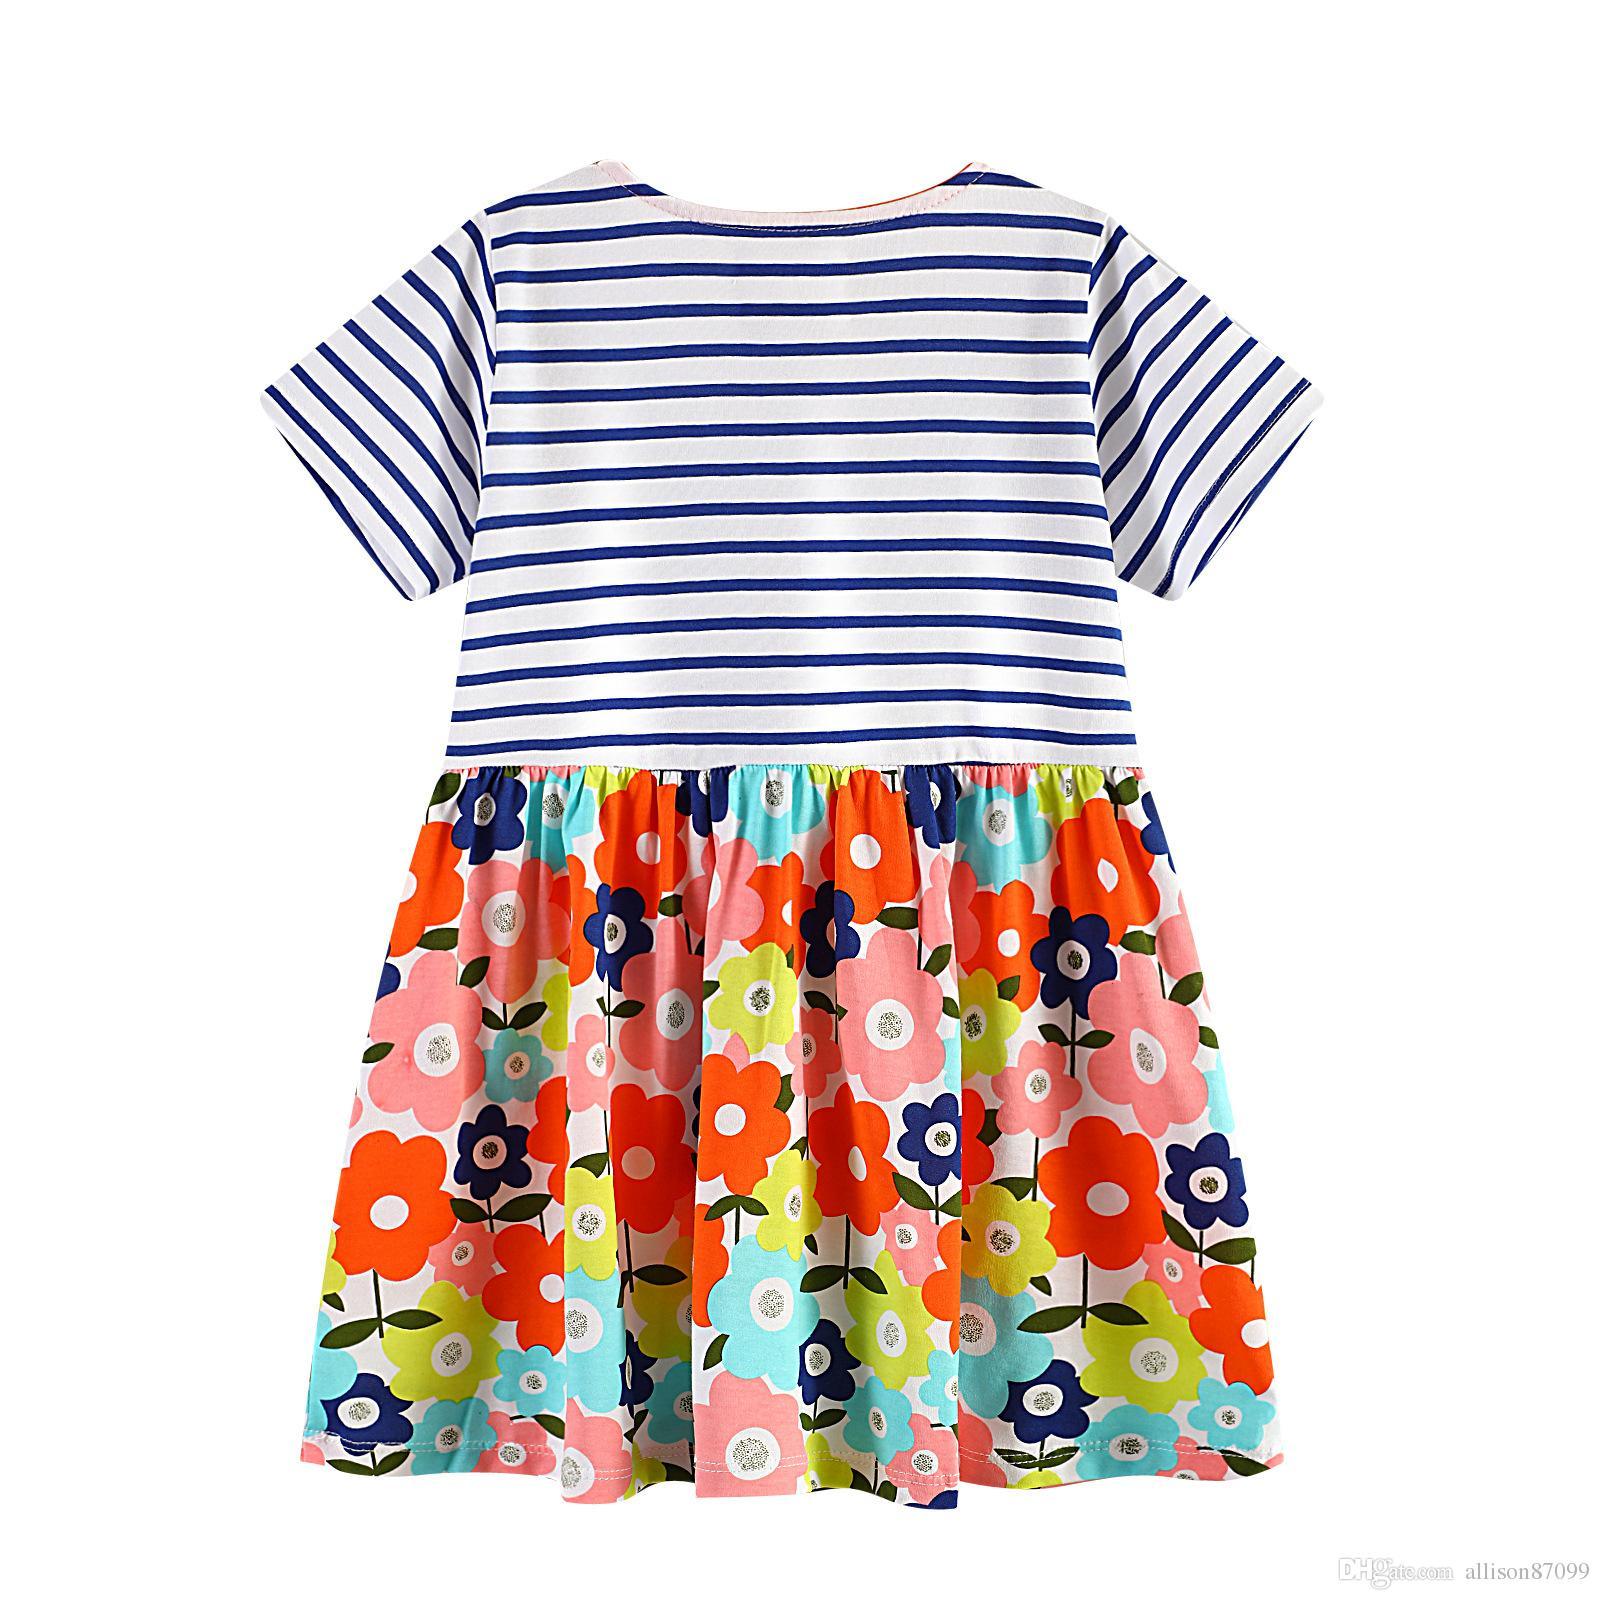 2019 boutique europeu e américa estilo floral dress para menina listrado manga curta flores de impressão 100% algodão por atacado roupas de crianças 18m-6t